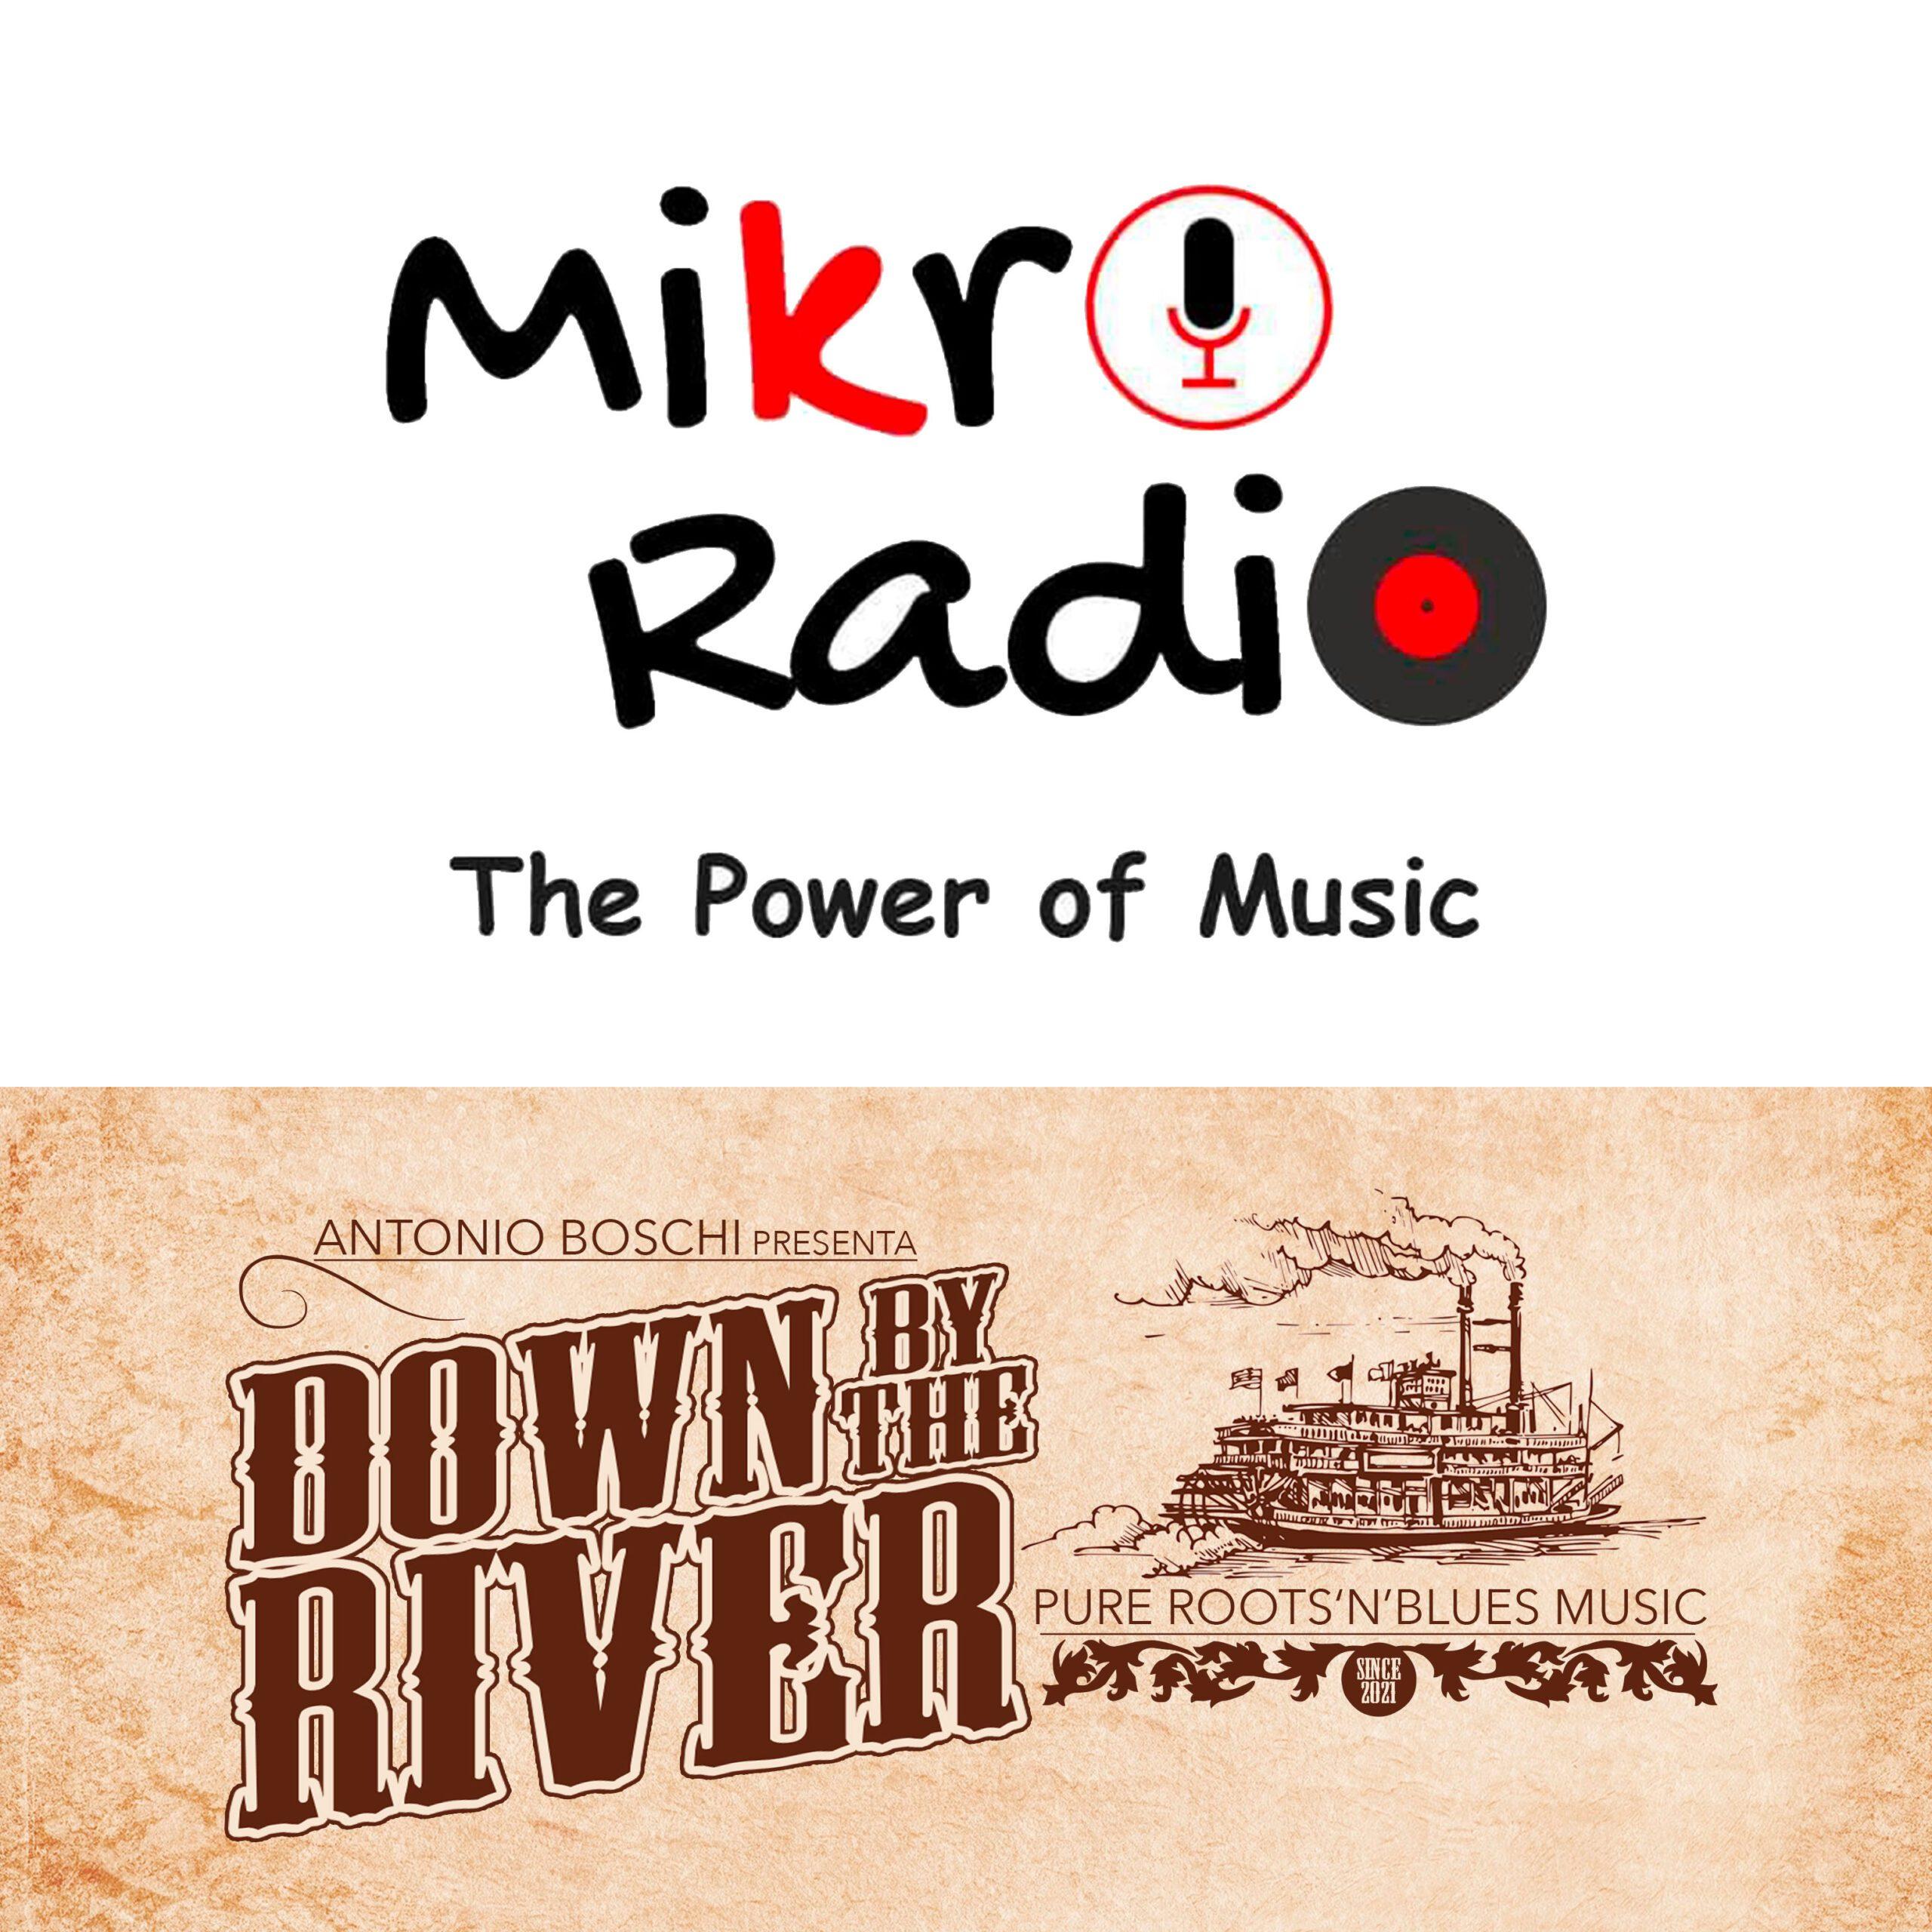 Down By The River la trasmissione radio di Antonio Boschi